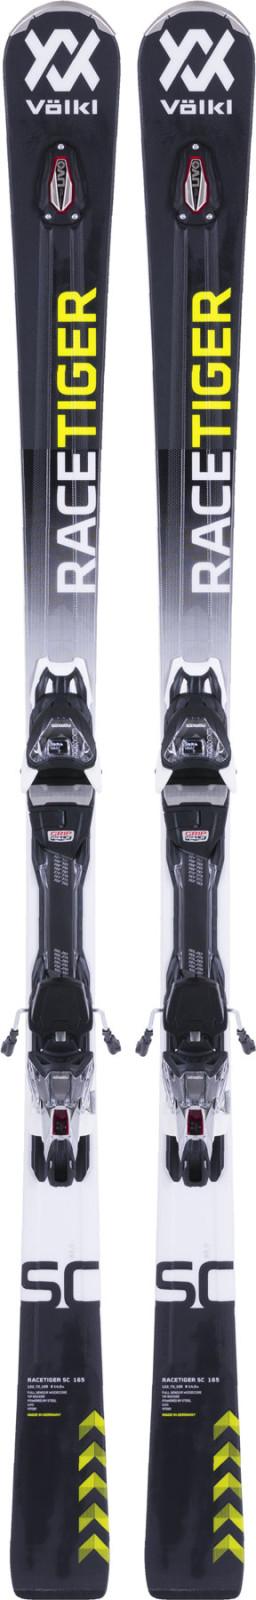 Völkl Racetiger SC Black + vMotion 10 GW